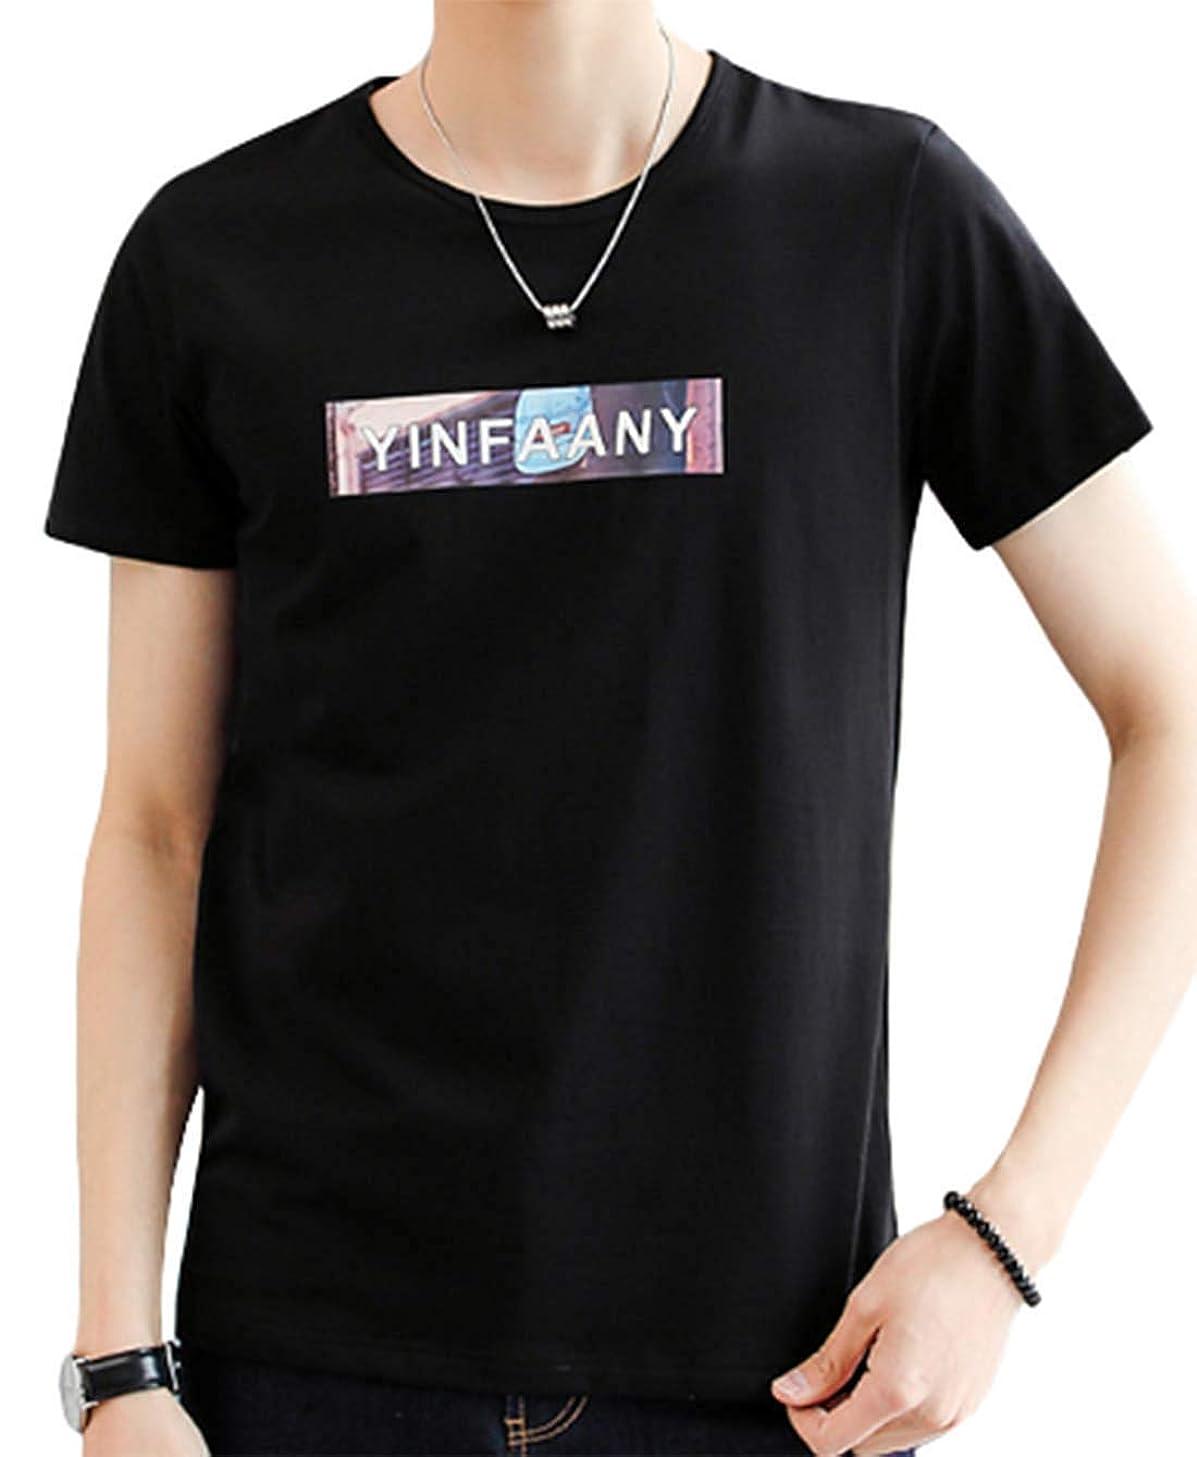 汚す換気する匿名[ Smaids x Smile (スマイズ スマイル) ] Tシャツ トップス 半袖 涼 ゆったり 無地 プリント クルー おしゃれ メンズ